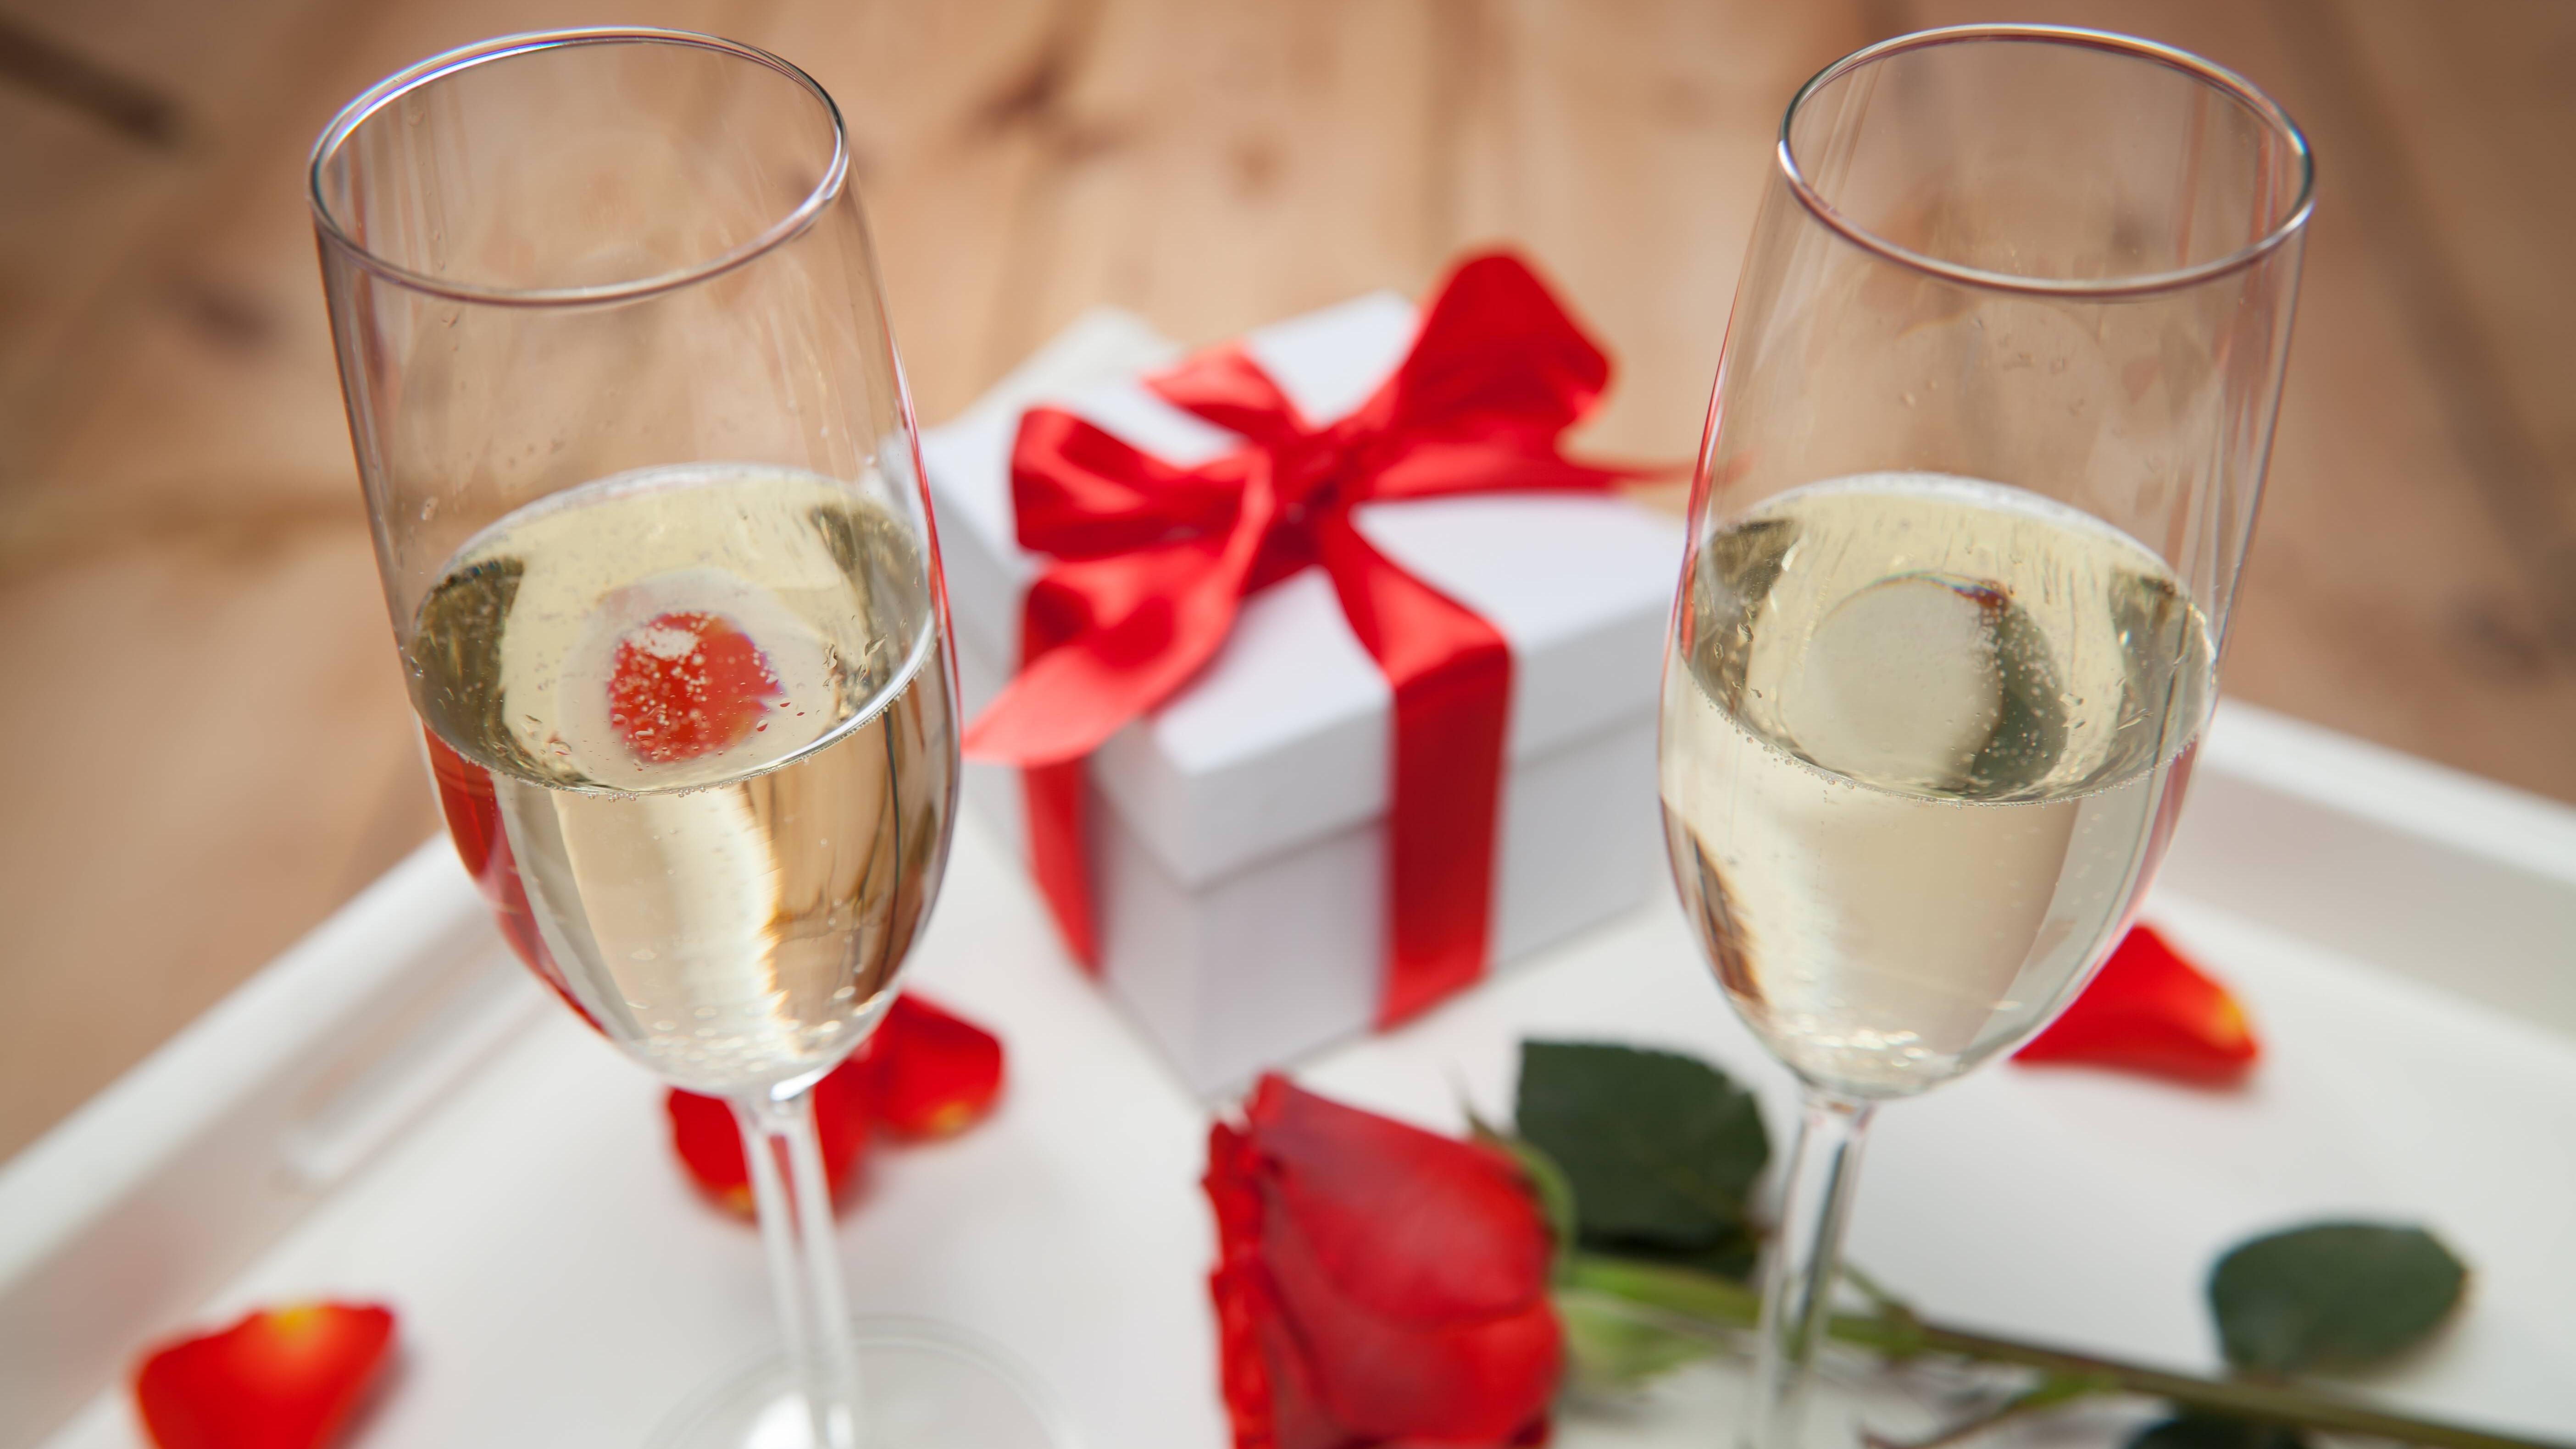 Schenken Sie einen personalisierten Champagner, um mit dem Paar anzustoßen.